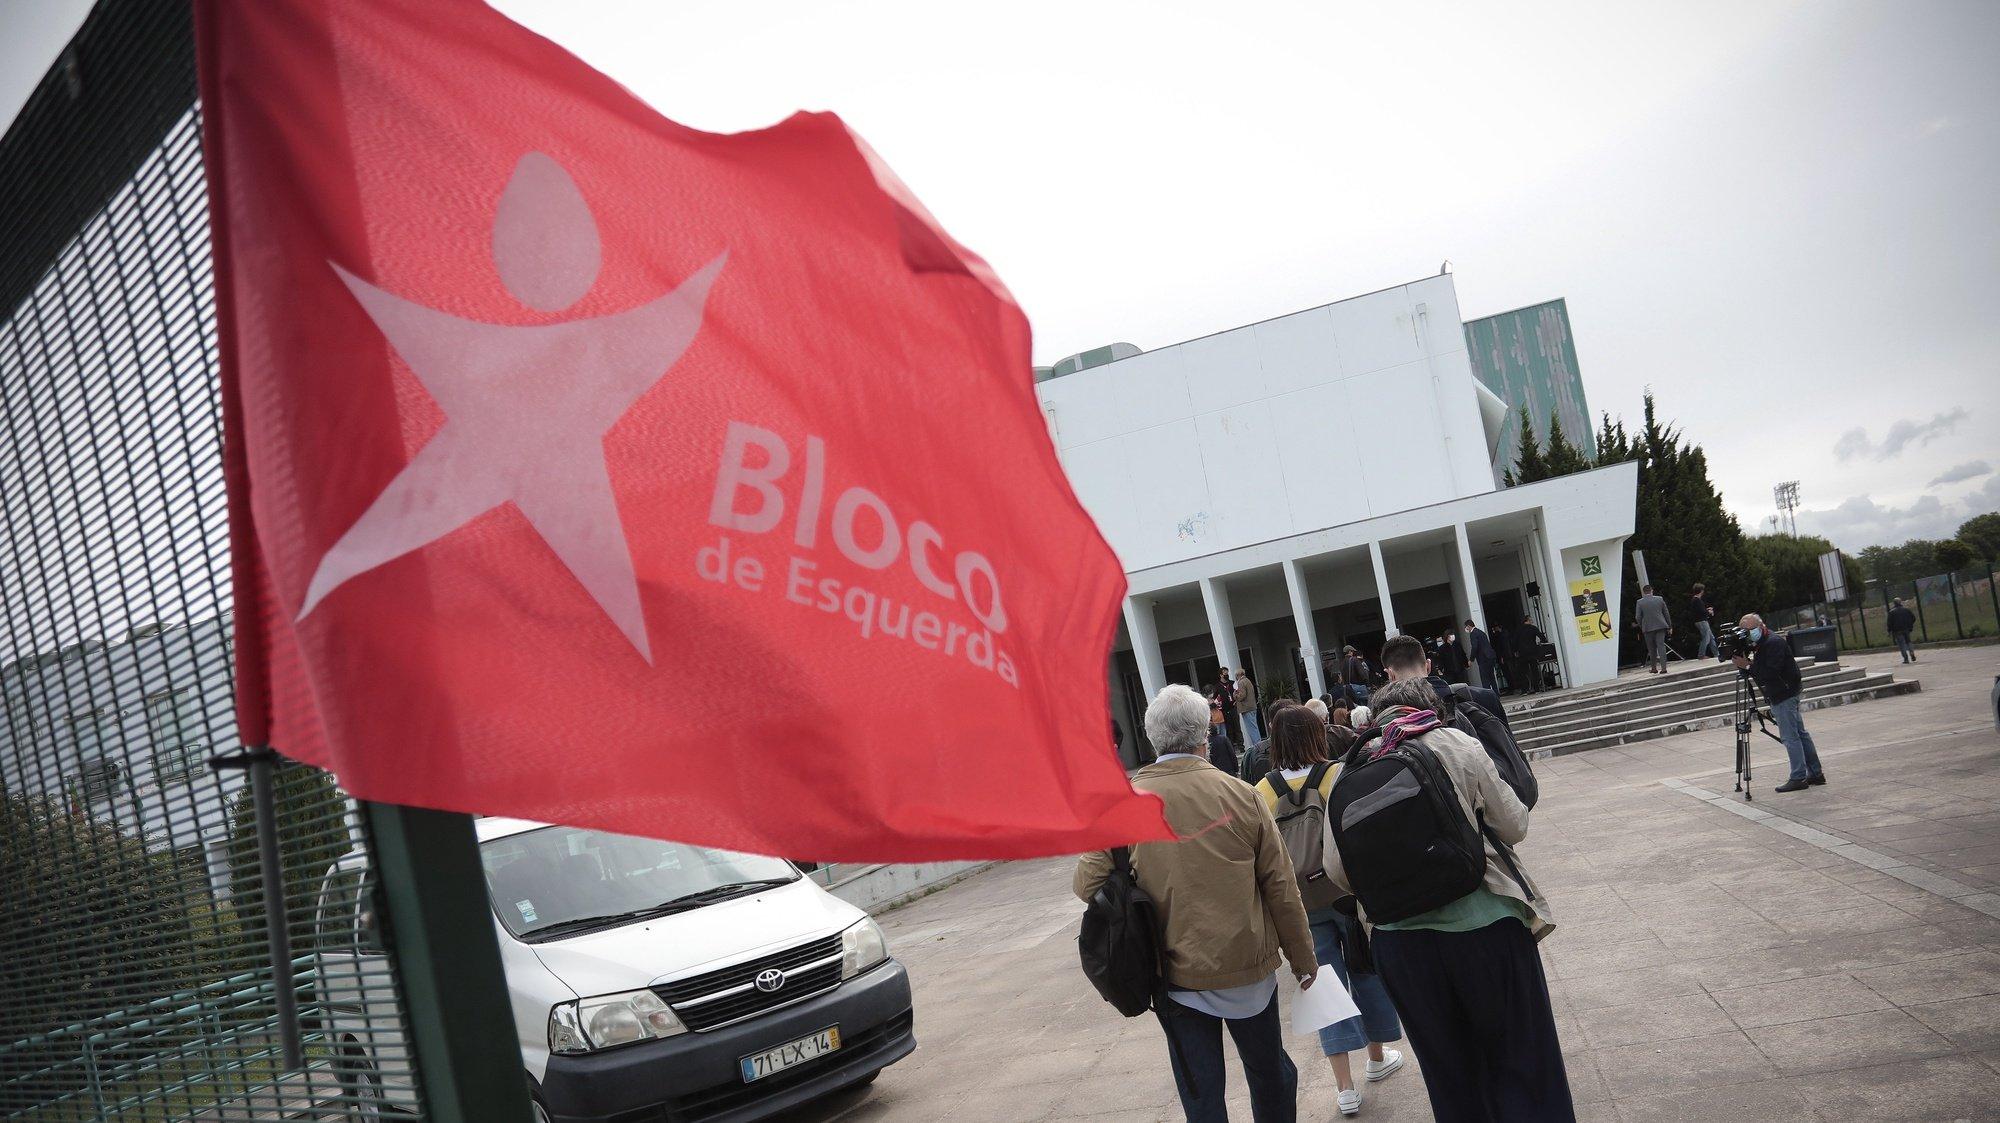 Medidas de distanciamento adoptadas durante a XII Convenção Nacional do Bloco de Esquerda, realizada no Pavilhão de congressos e desportos em Matosinhos, 22 de Maio de 2021. MANUEL FERNANDO ARAUJO/LUSA